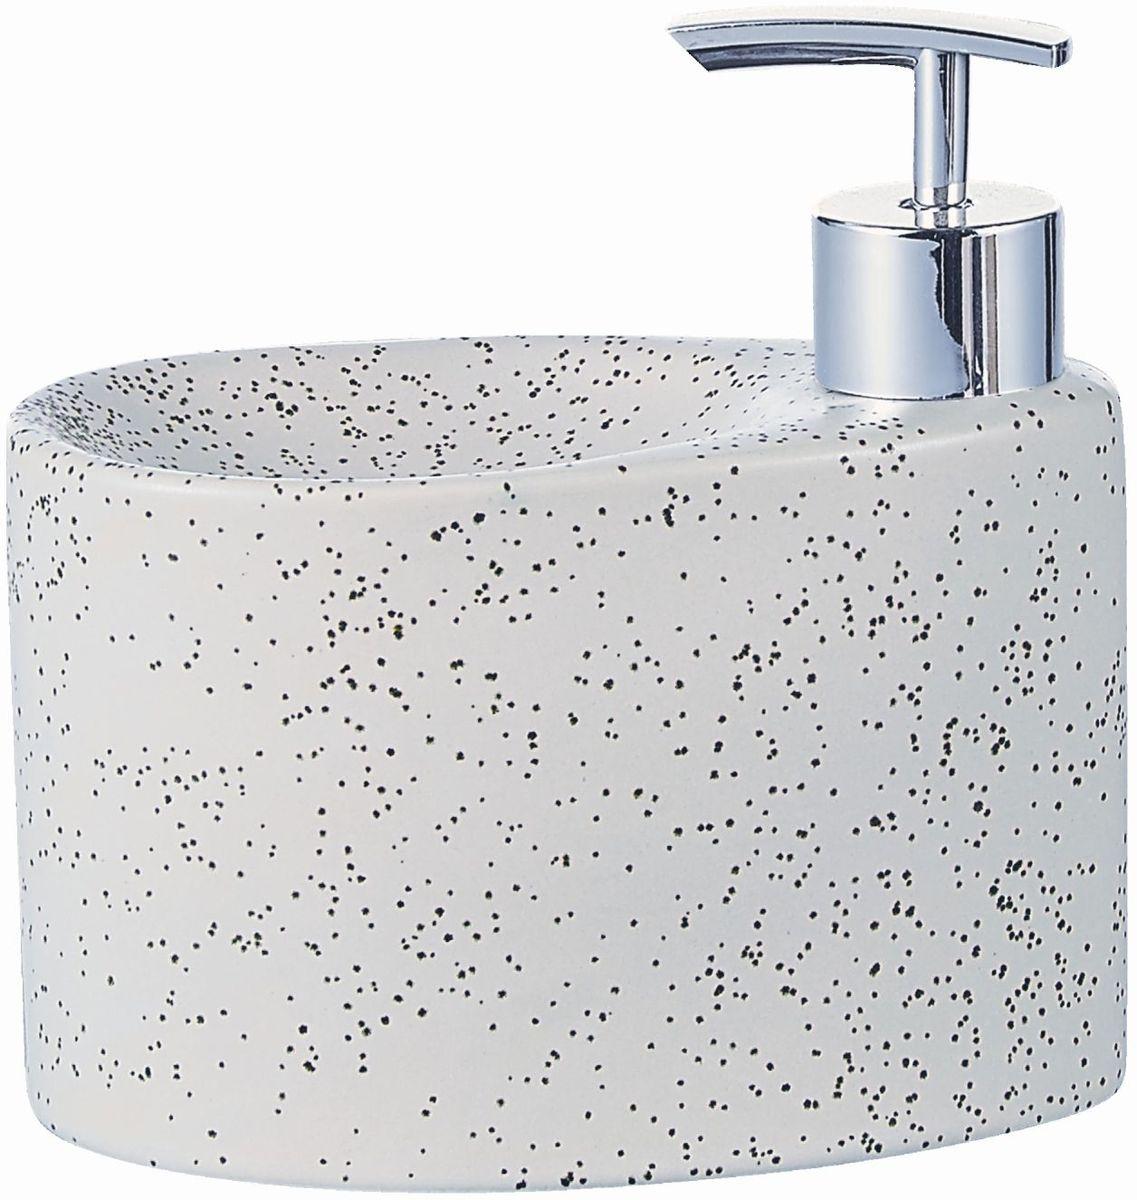 """Дозатор для жидкого мыла """"Elrington"""", изготовленный из  керамики и металла, отлично подойдет для вашей ванной комнаты.  Такой аксессуар очень удобен в использовании, достаточно  лишь перелить жидкое мыло в дозатор, а когда необходимо  использование мыла, легким нажатием выдавить нужное  количество. Также изделие оснащено подставкой под губку. Дозатор для жидкого мыла """"Elrington"""" создаст особую атмосферу  уюта и максимального комфорта в ванной."""